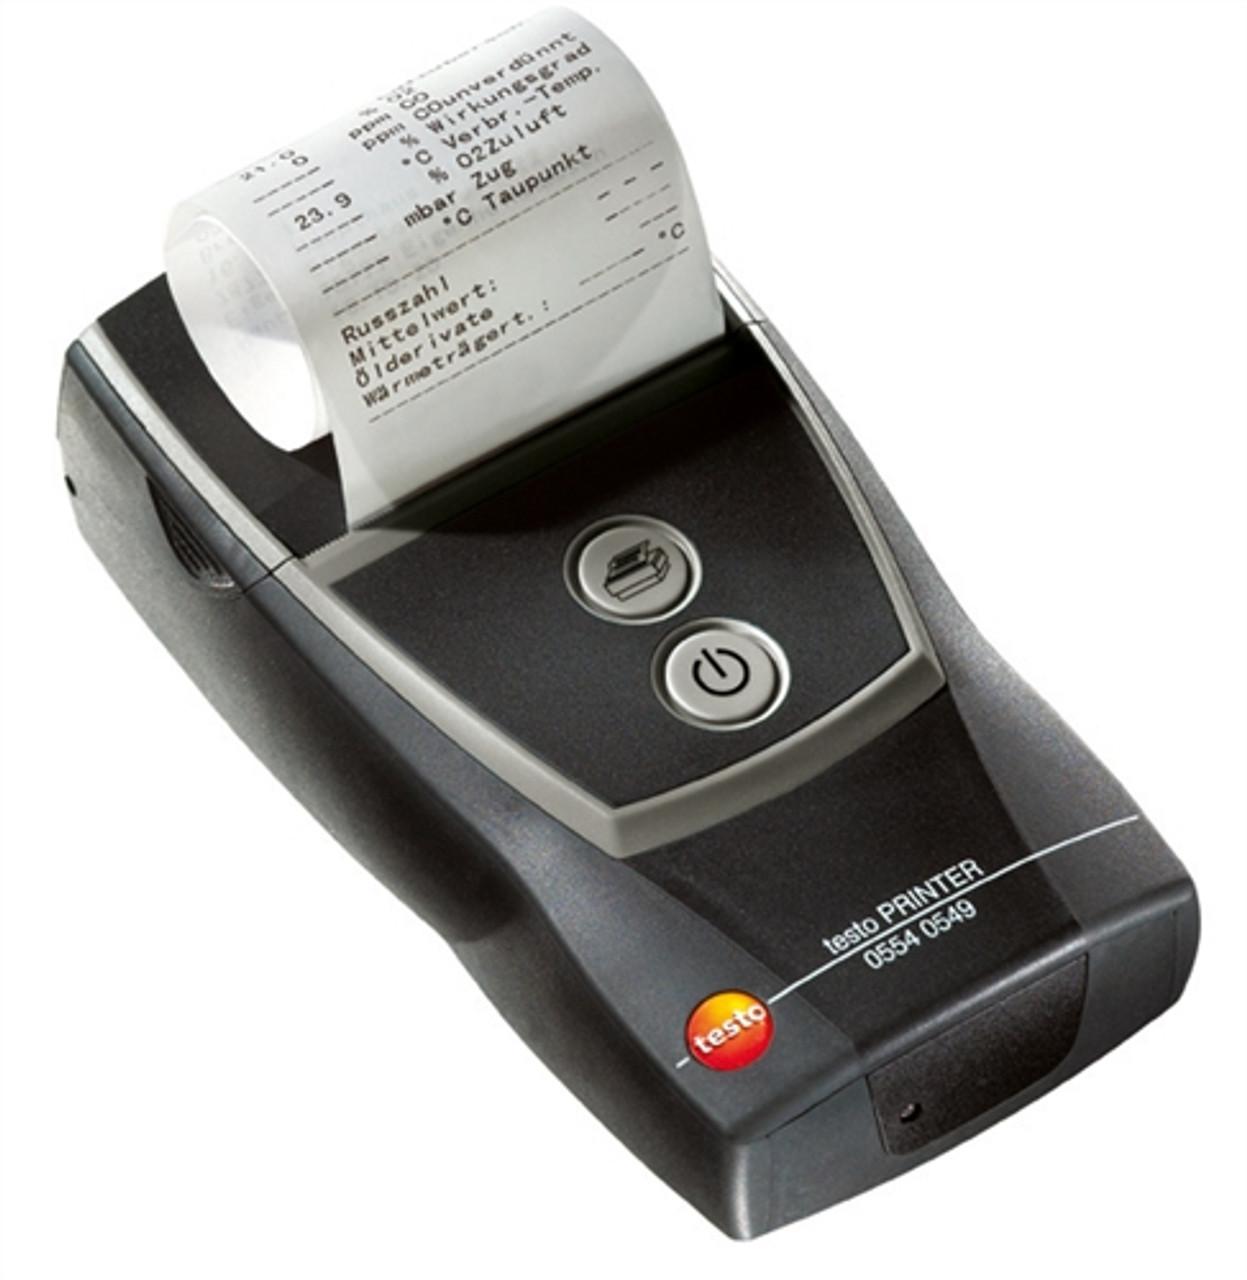 Testo Fast IR Printer 0554 0549